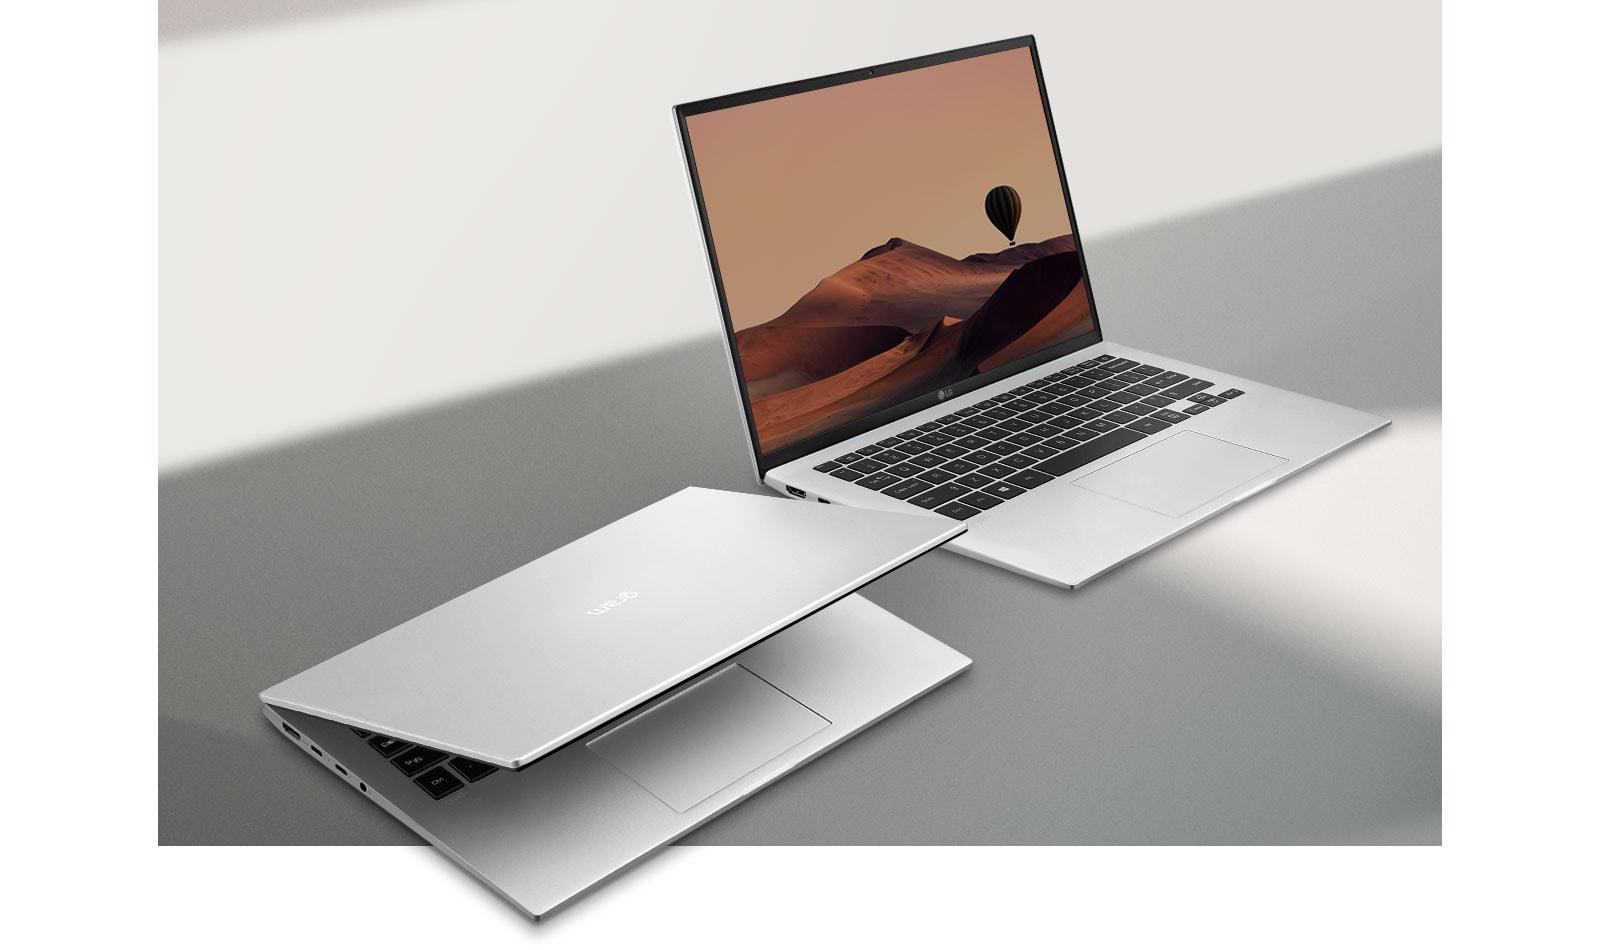 Kompaktowy laptop LG gram o smukłej konstrukcji zwiększa wygodę i produktywność